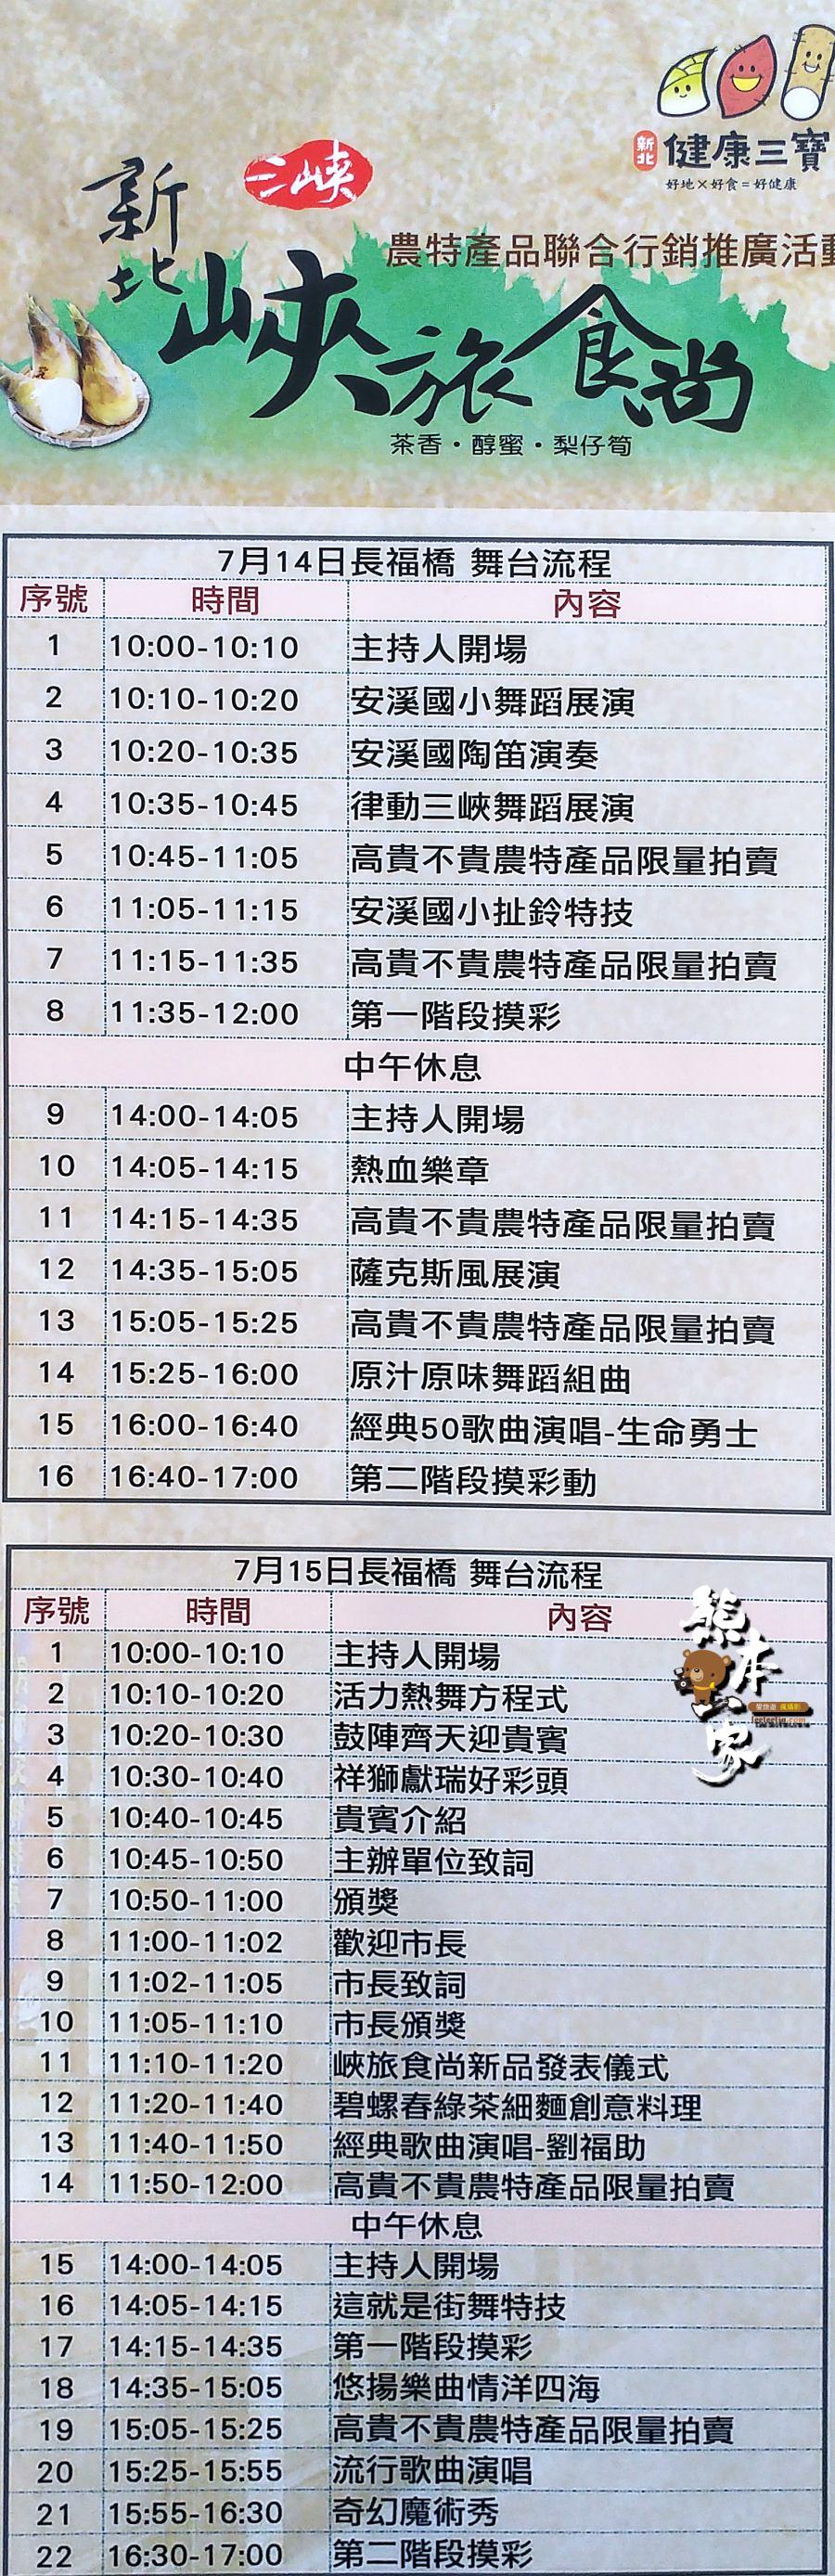 三峽旅食尚|碧螺春-綠竹筍文化節~in三峽老街-祖師廟與長福橋